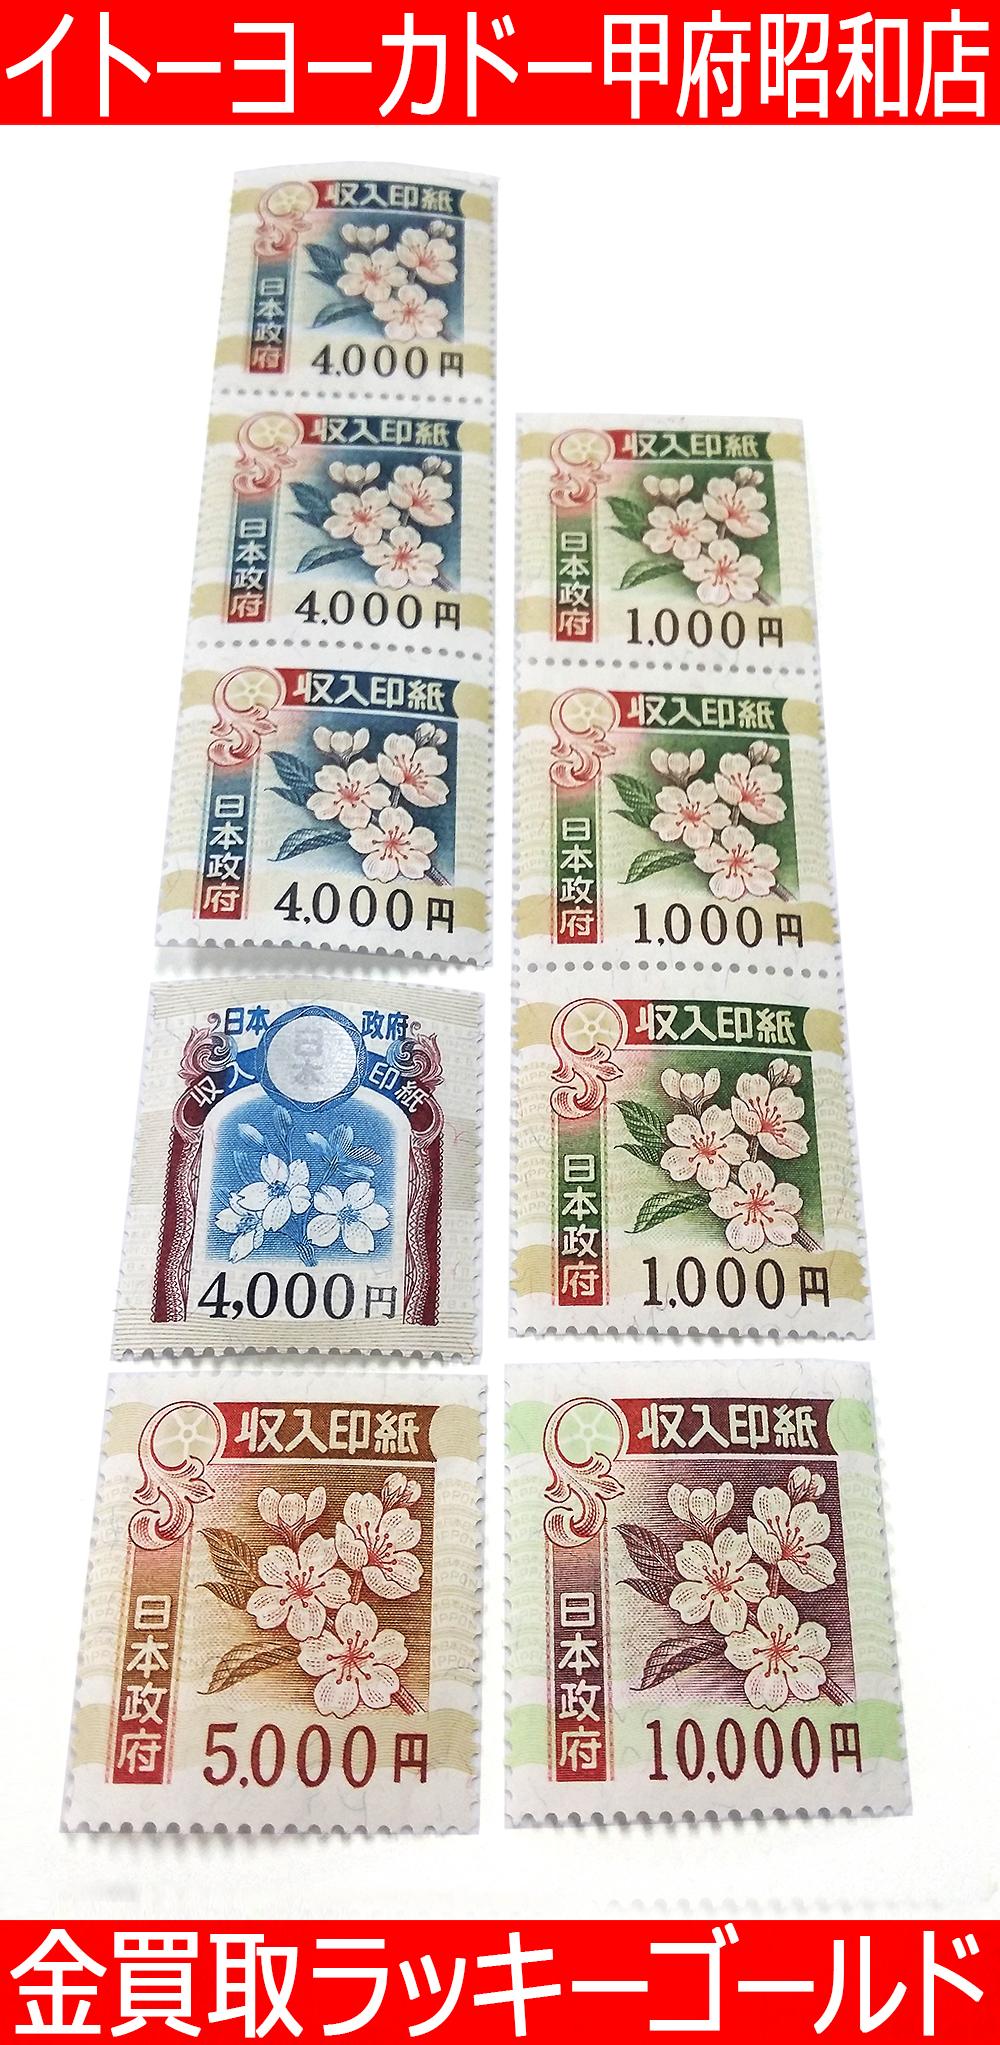 金券ショップ 山梨 切手 収入印紙 商品券 ビール券